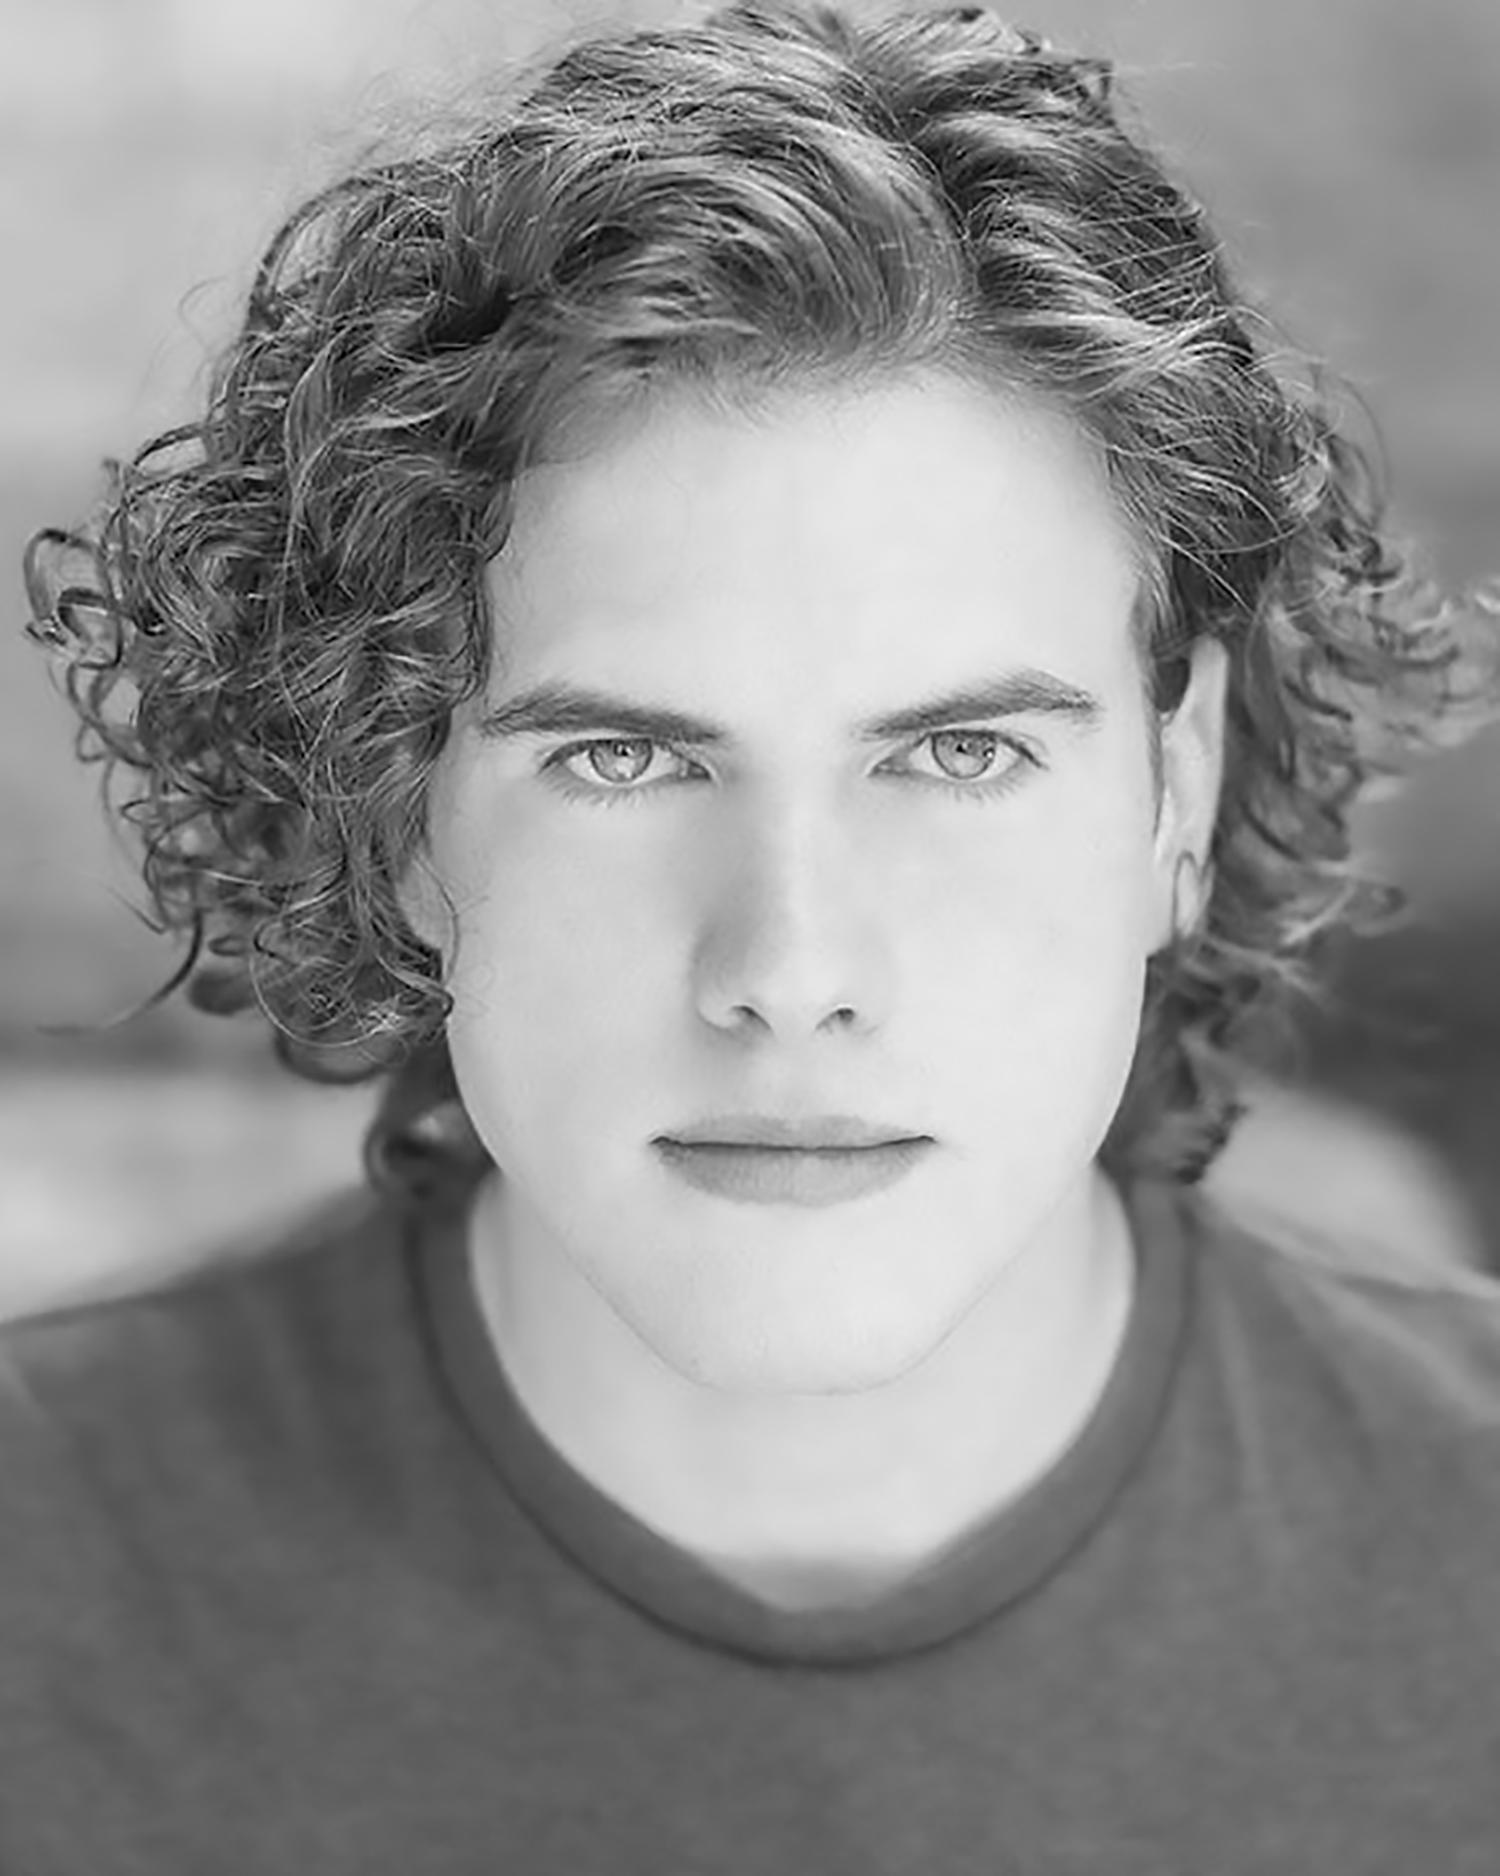 Aidan Banyard